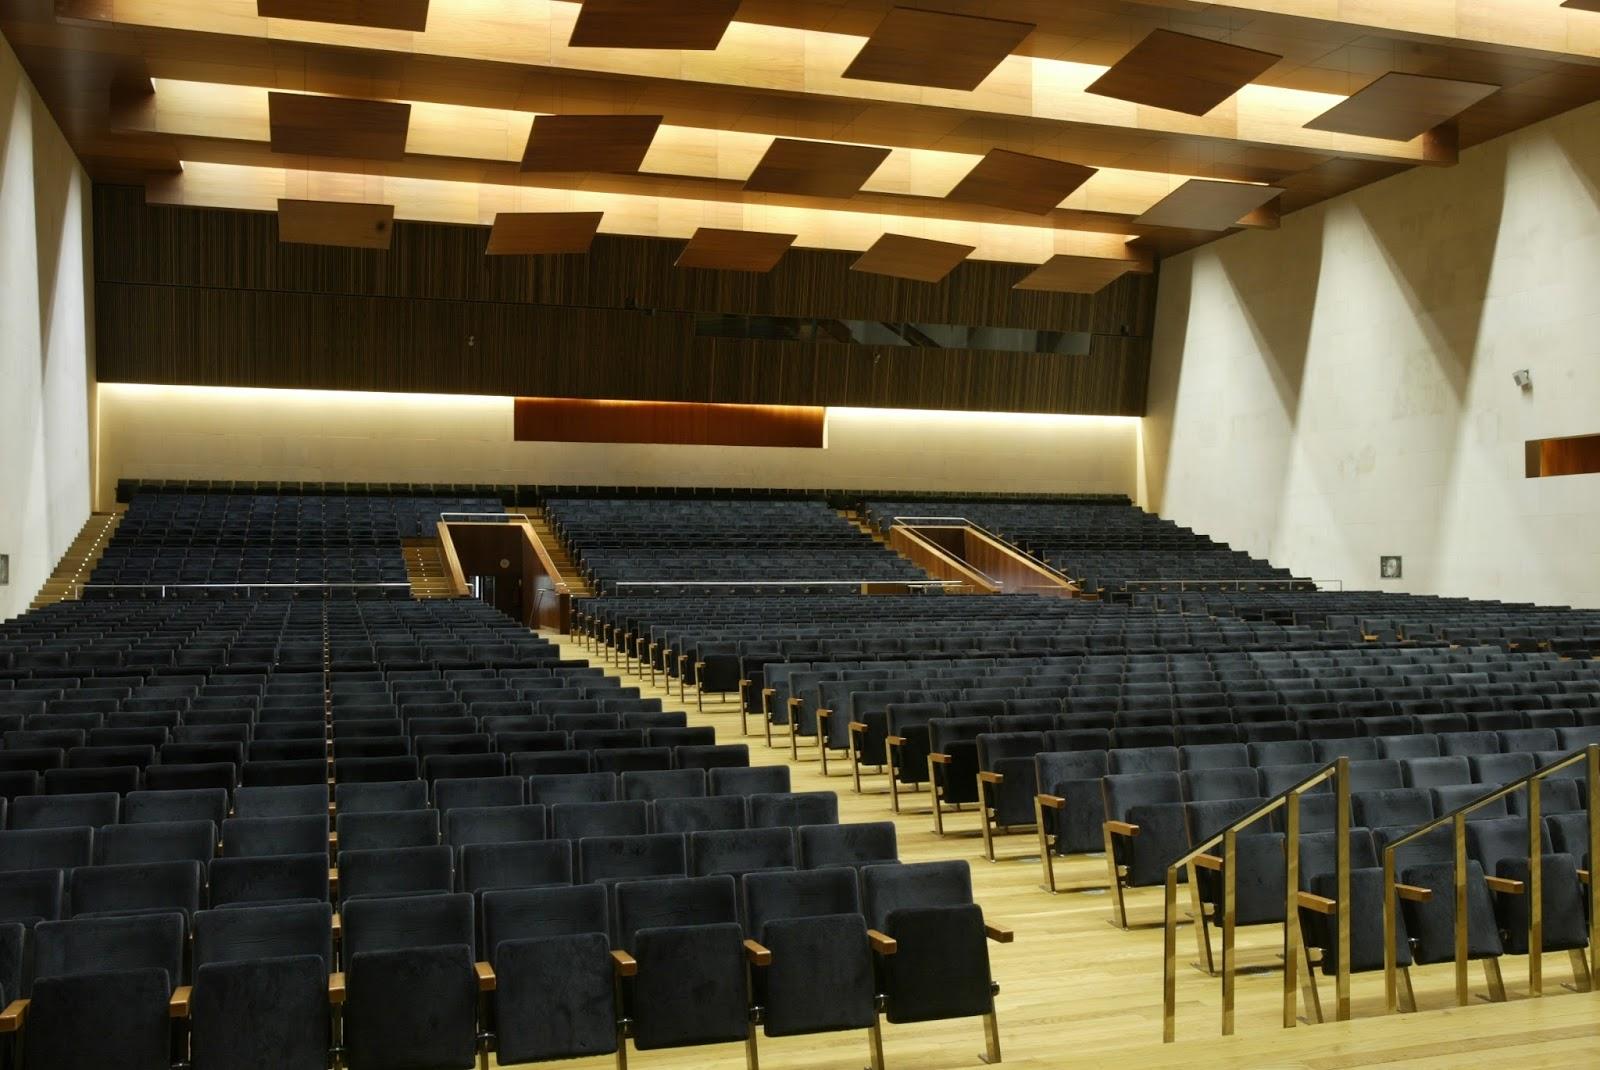 Santiago de compostela palacio de congresos y for Sala 0 palacio de la prensa